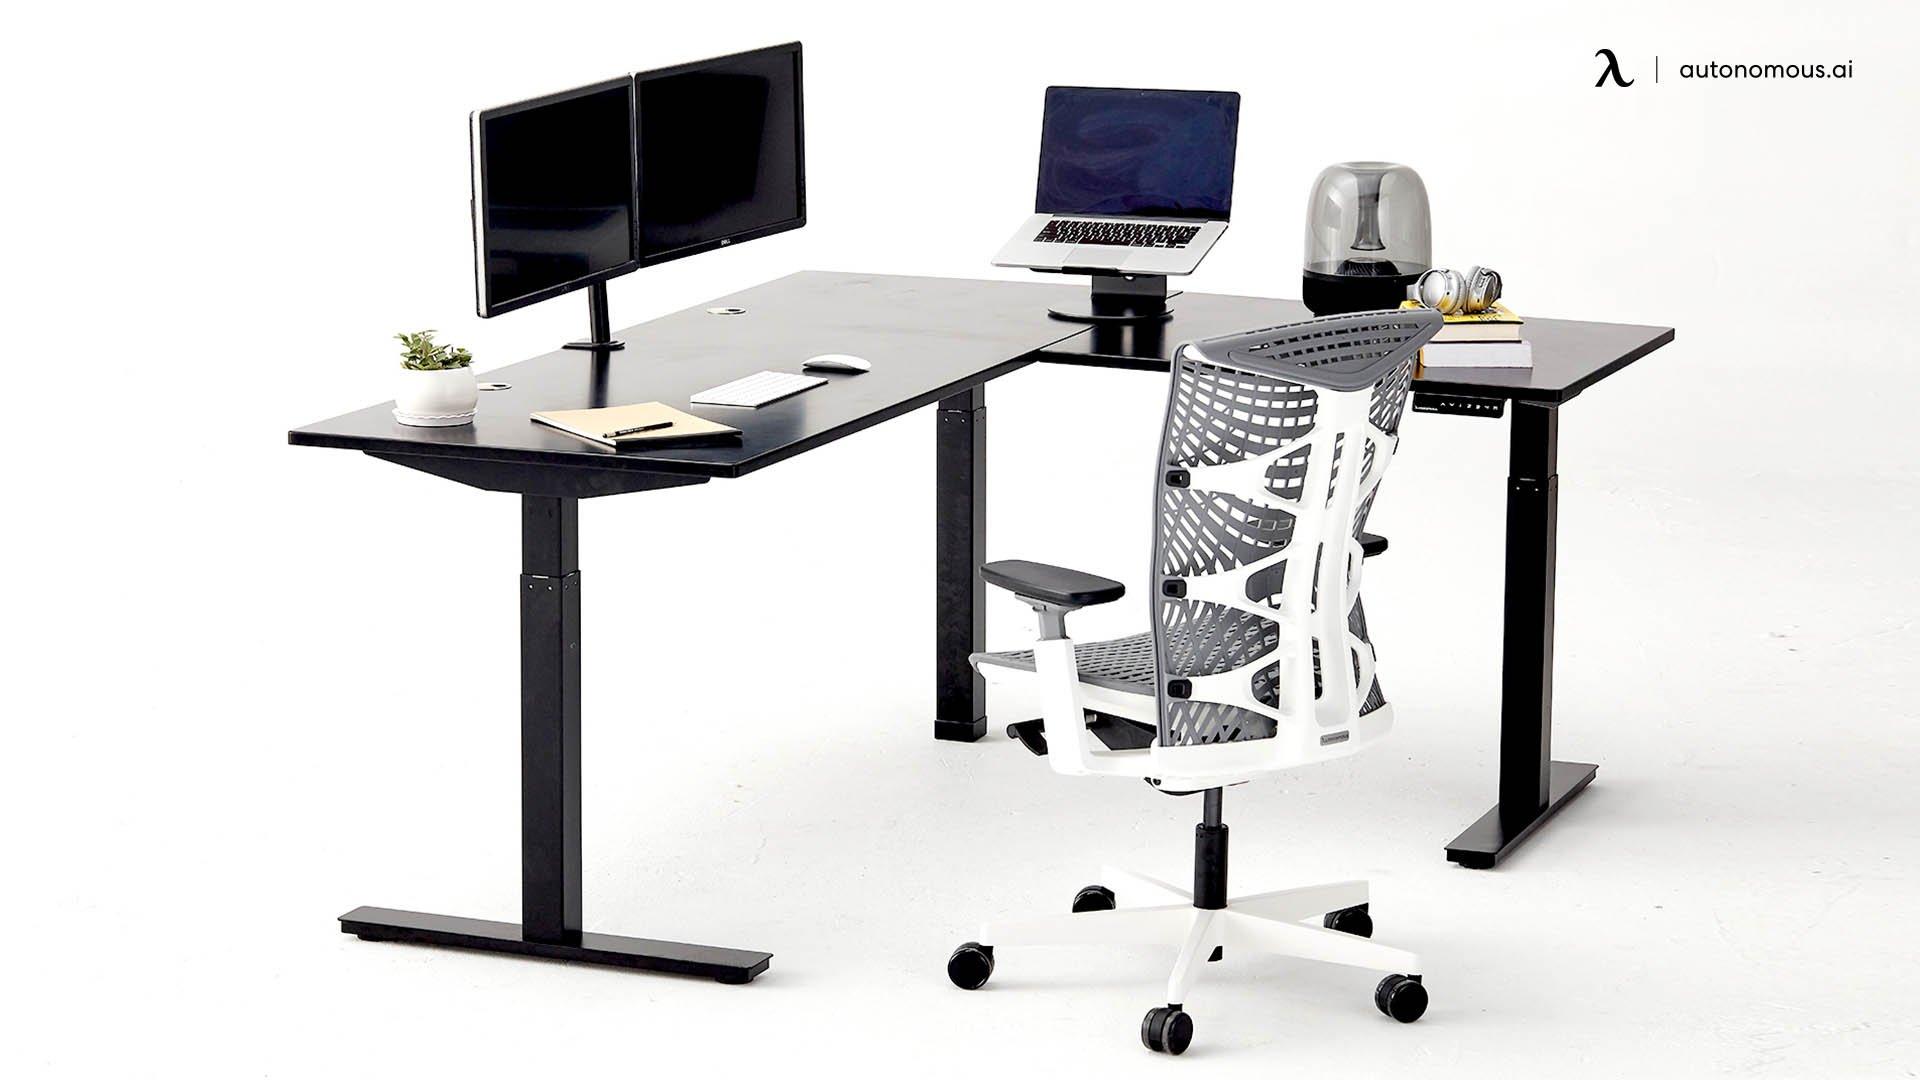 L-Shaped Standing Desk by Autonomous